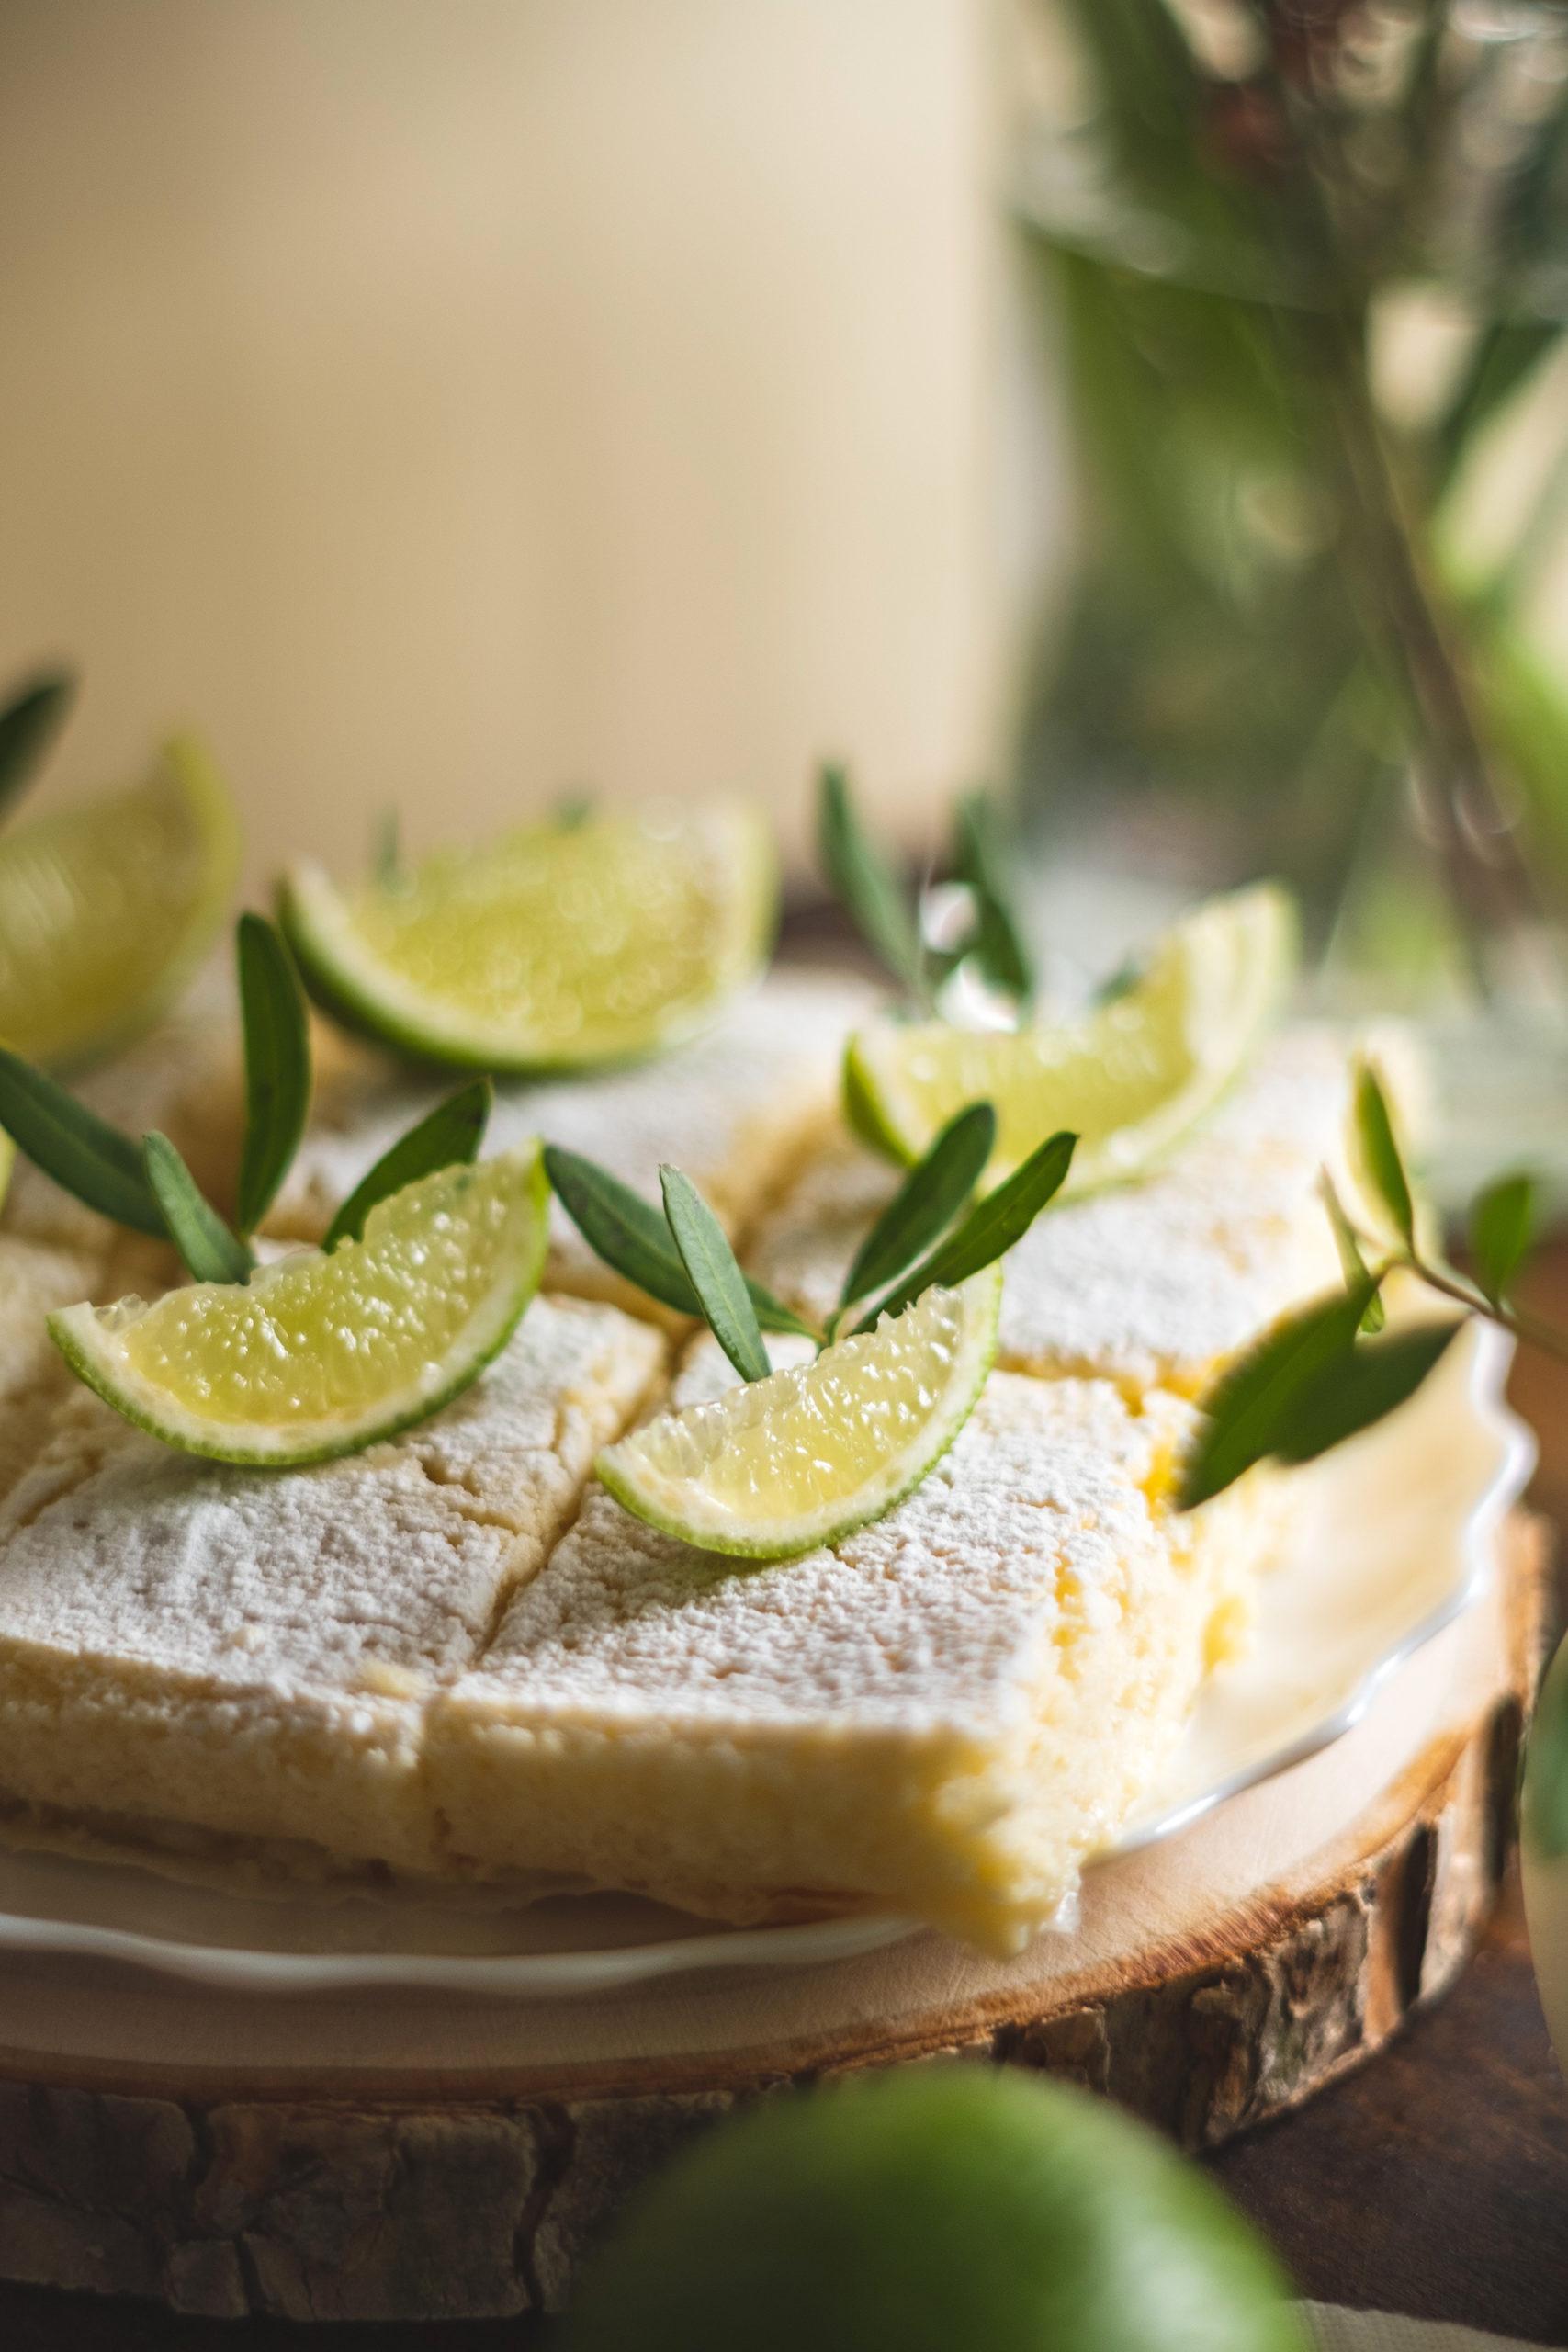 Sehr hübsch sieht es aus, wenn du die Limettenschnitten mit frischen Früchten und Kräutern dekorierst